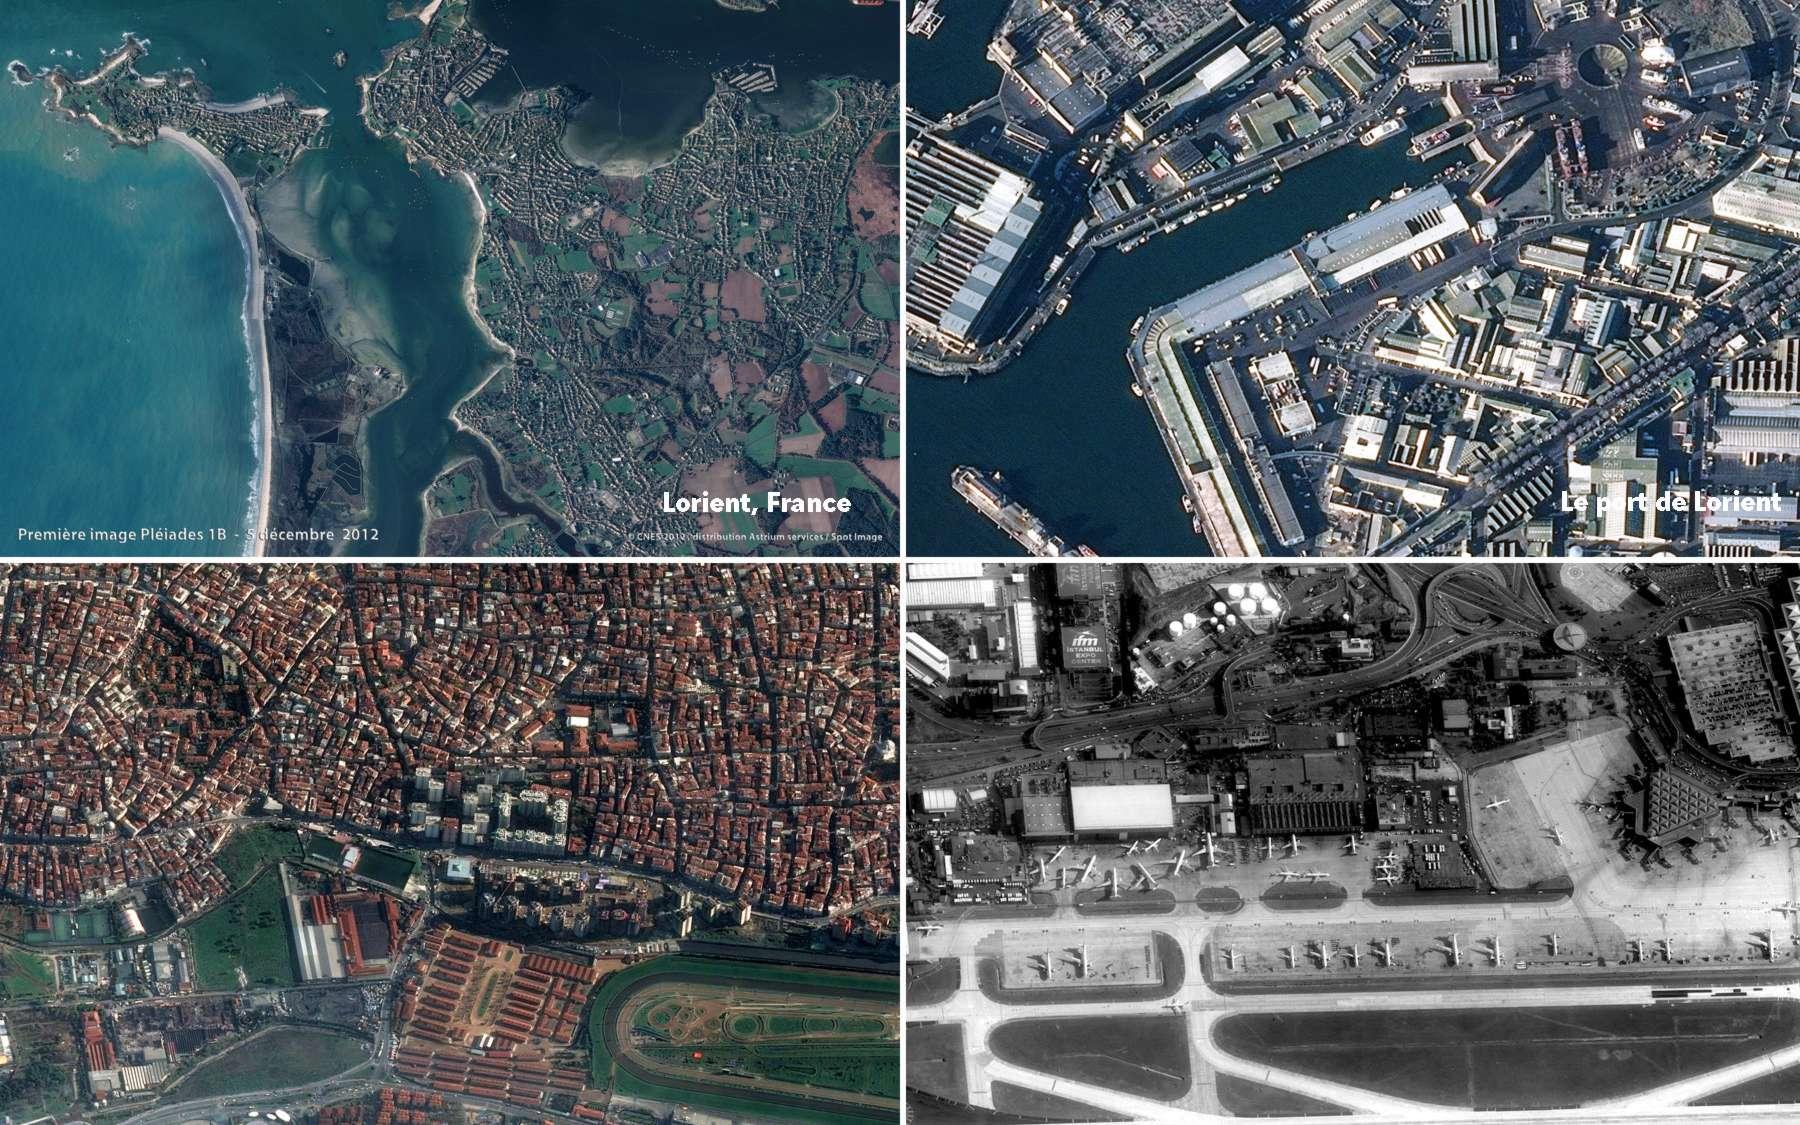 Après le jardin parisien des Tuileries et la mosquée de Casablanca au Maroc comme cibles des premières images de Pléiades 1A, c'est Lorient, Istanbul et Madrid qui ont été choises comme cibles pour montrer le bon fonctionnement du satellite Pléiades 1B. On voit ici le port de Lorient et un détail des pistes de l'aéroport d'Istanbul. © Cnes